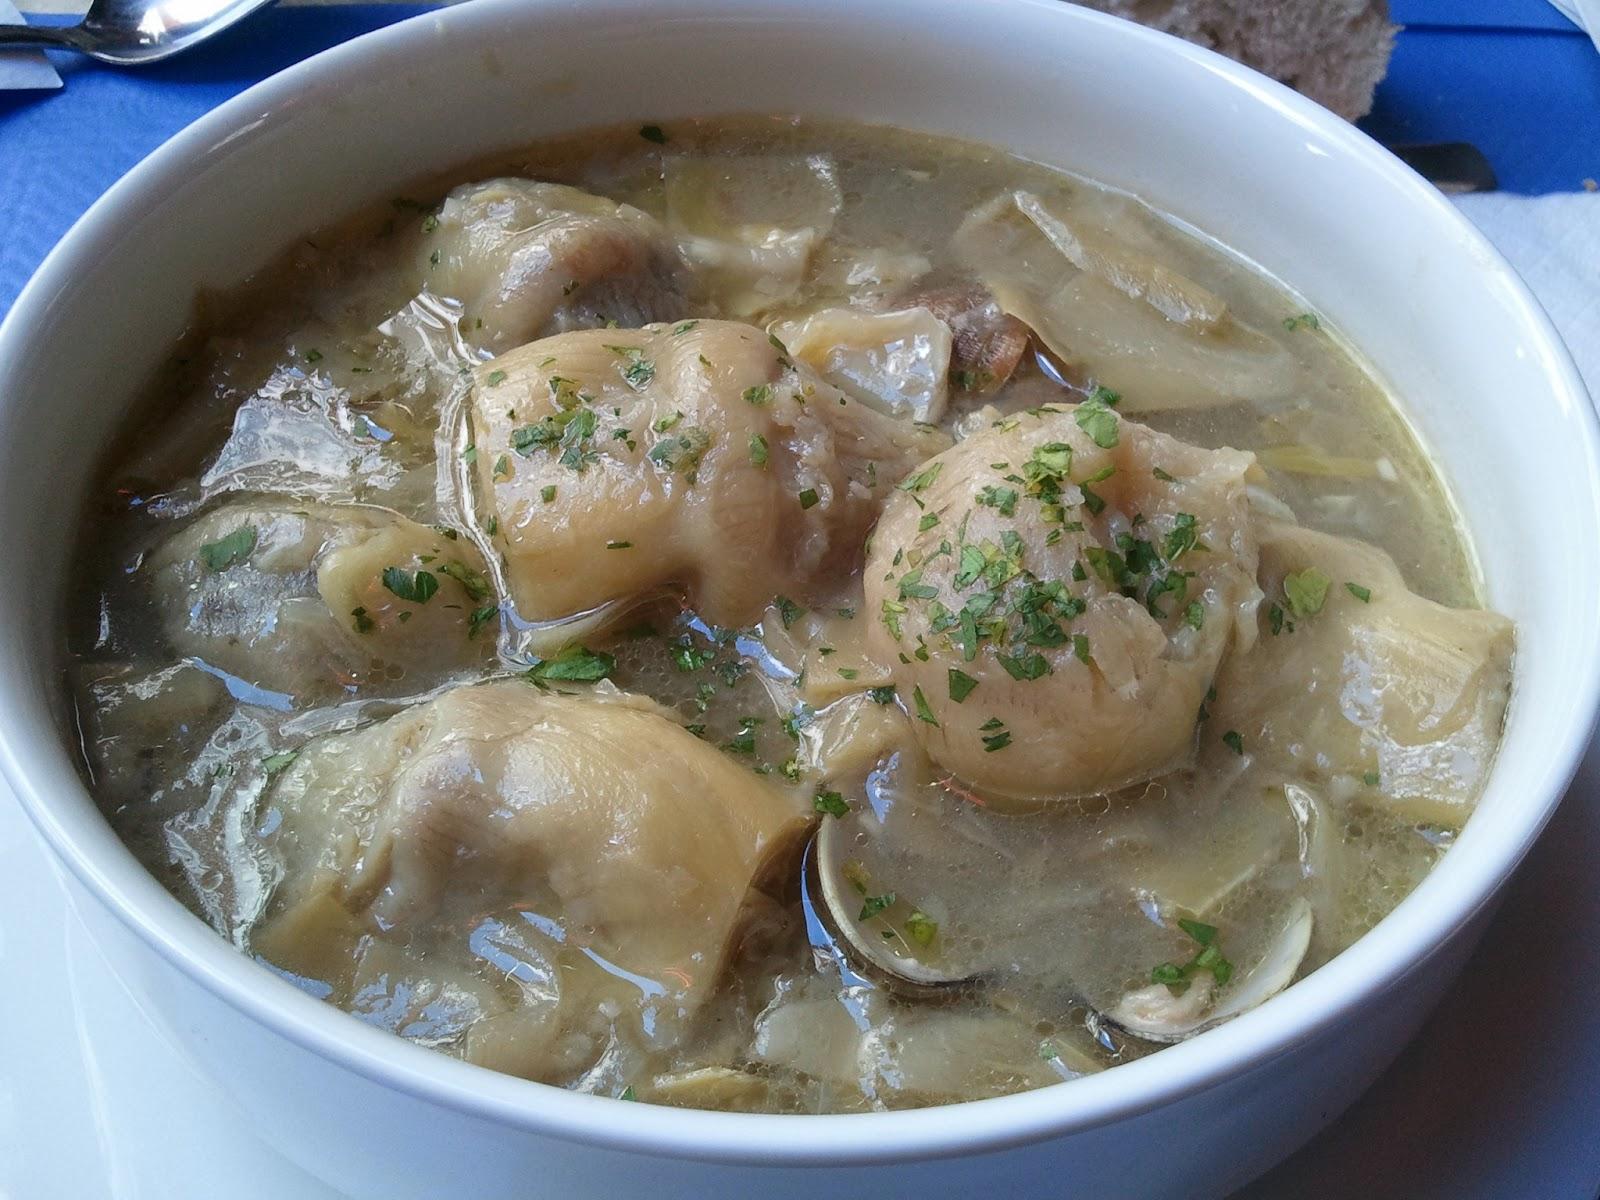 Restaurante el 7 una buena elecci n de men gastronom a - La cocina vasca menu fin de semana ...